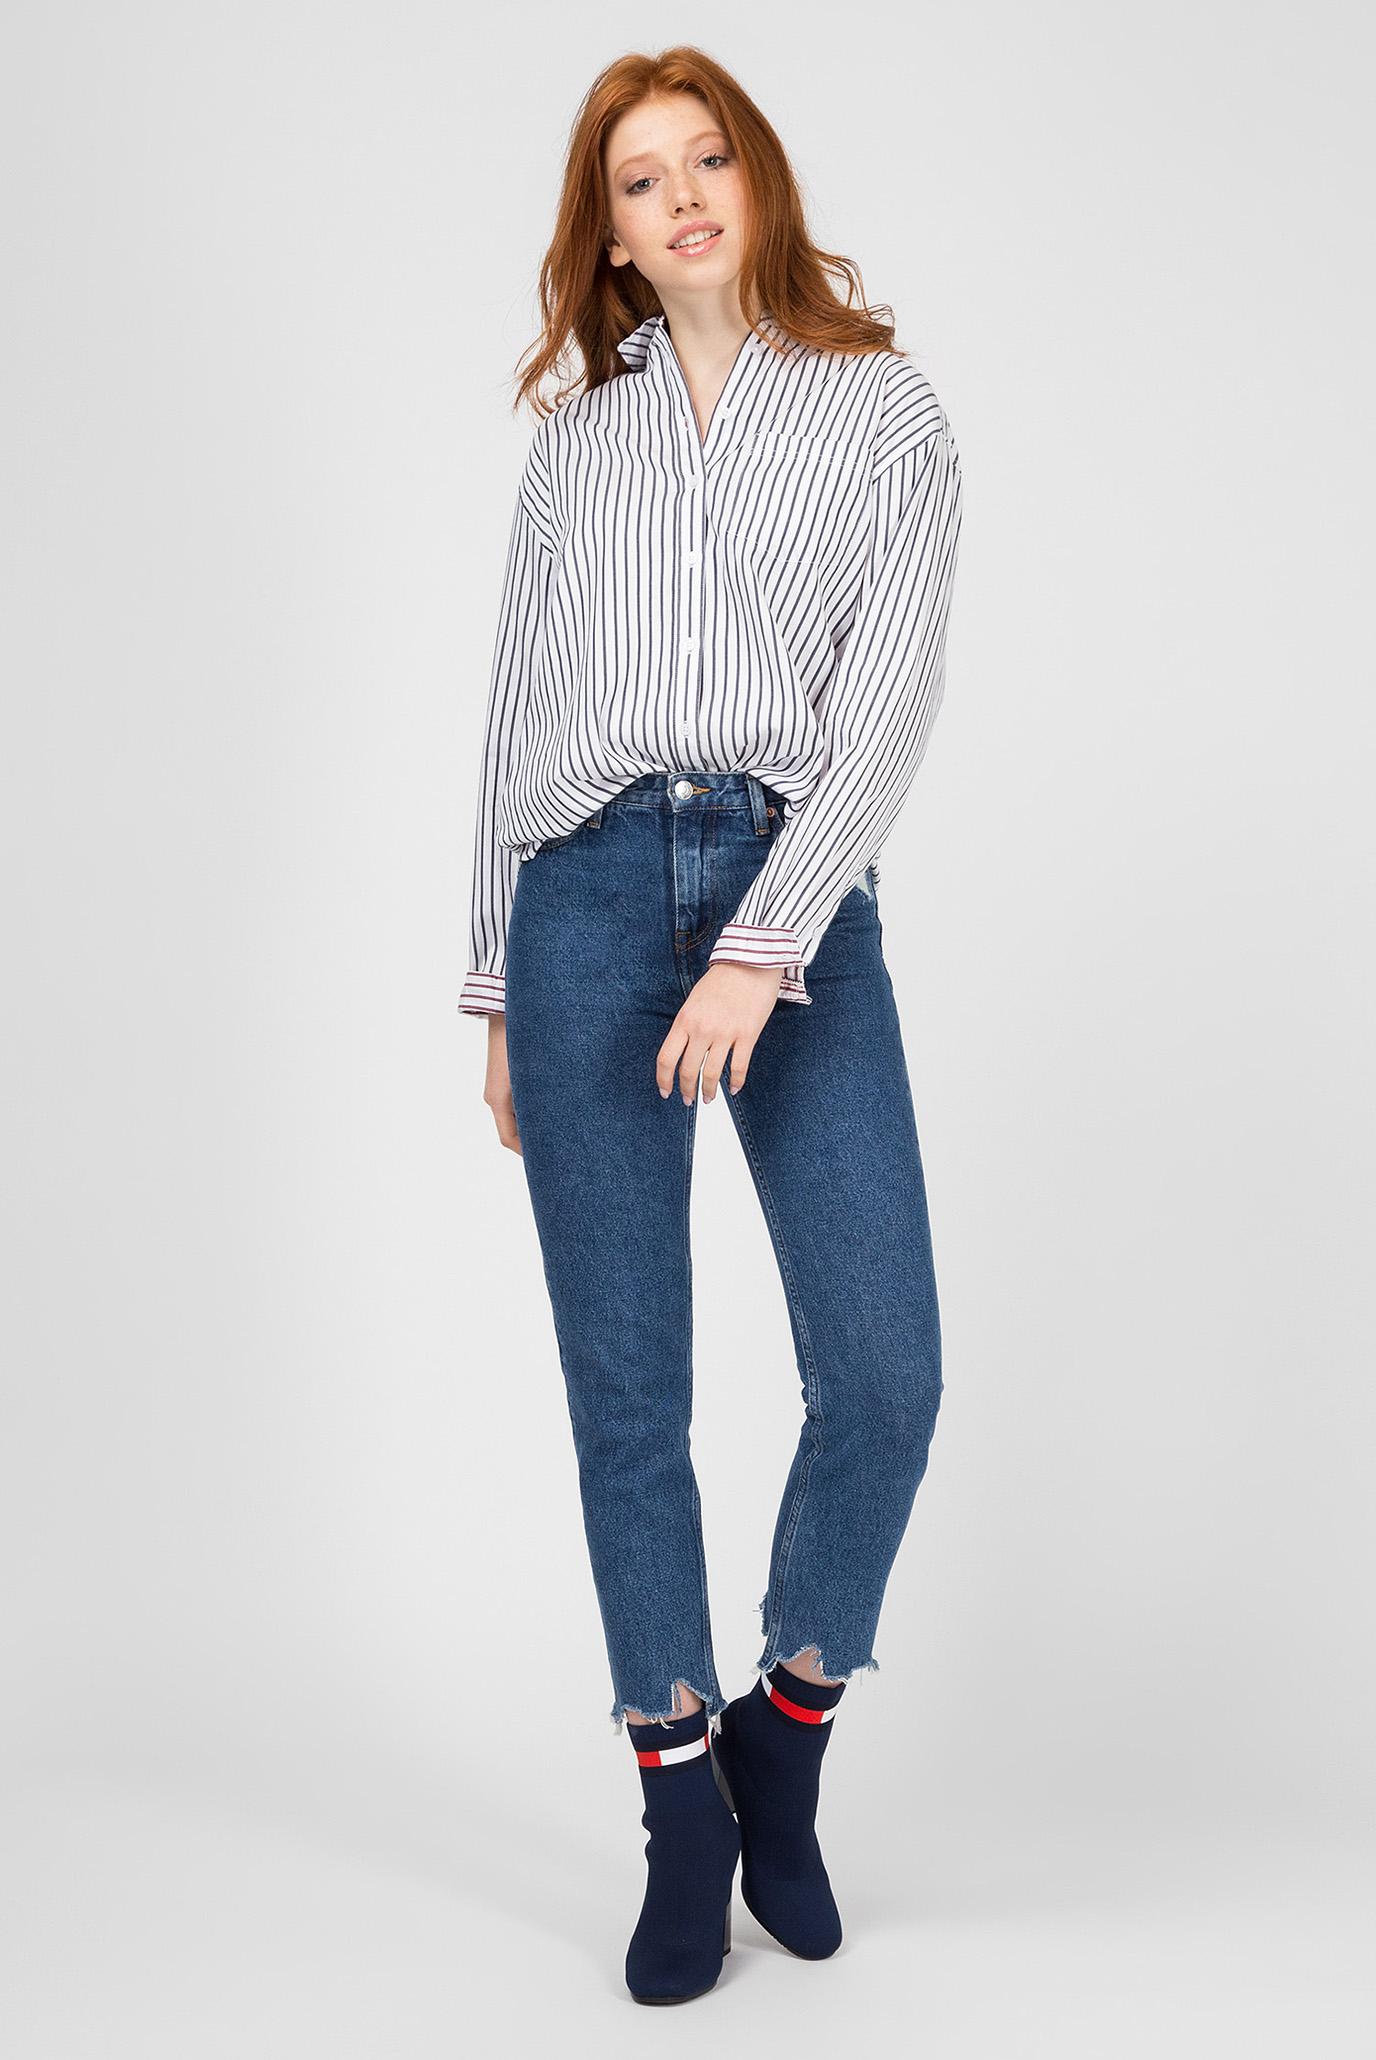 Купить Женская рубашка в полоску Tommy Hilfiger Tommy Hilfiger DW0DW05251 – Киев, Украина. Цены в интернет магазине MD Fashion